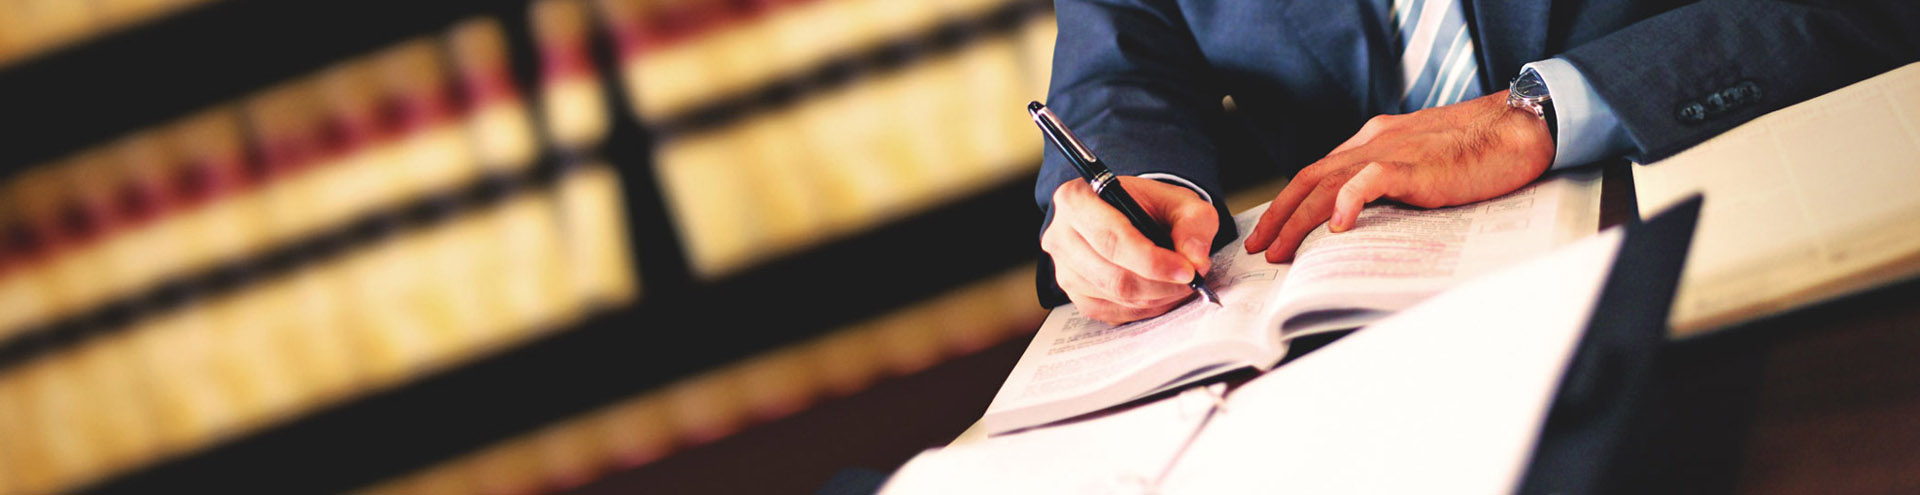 Адвокат по административным делам в Астрахани и Астраханской области